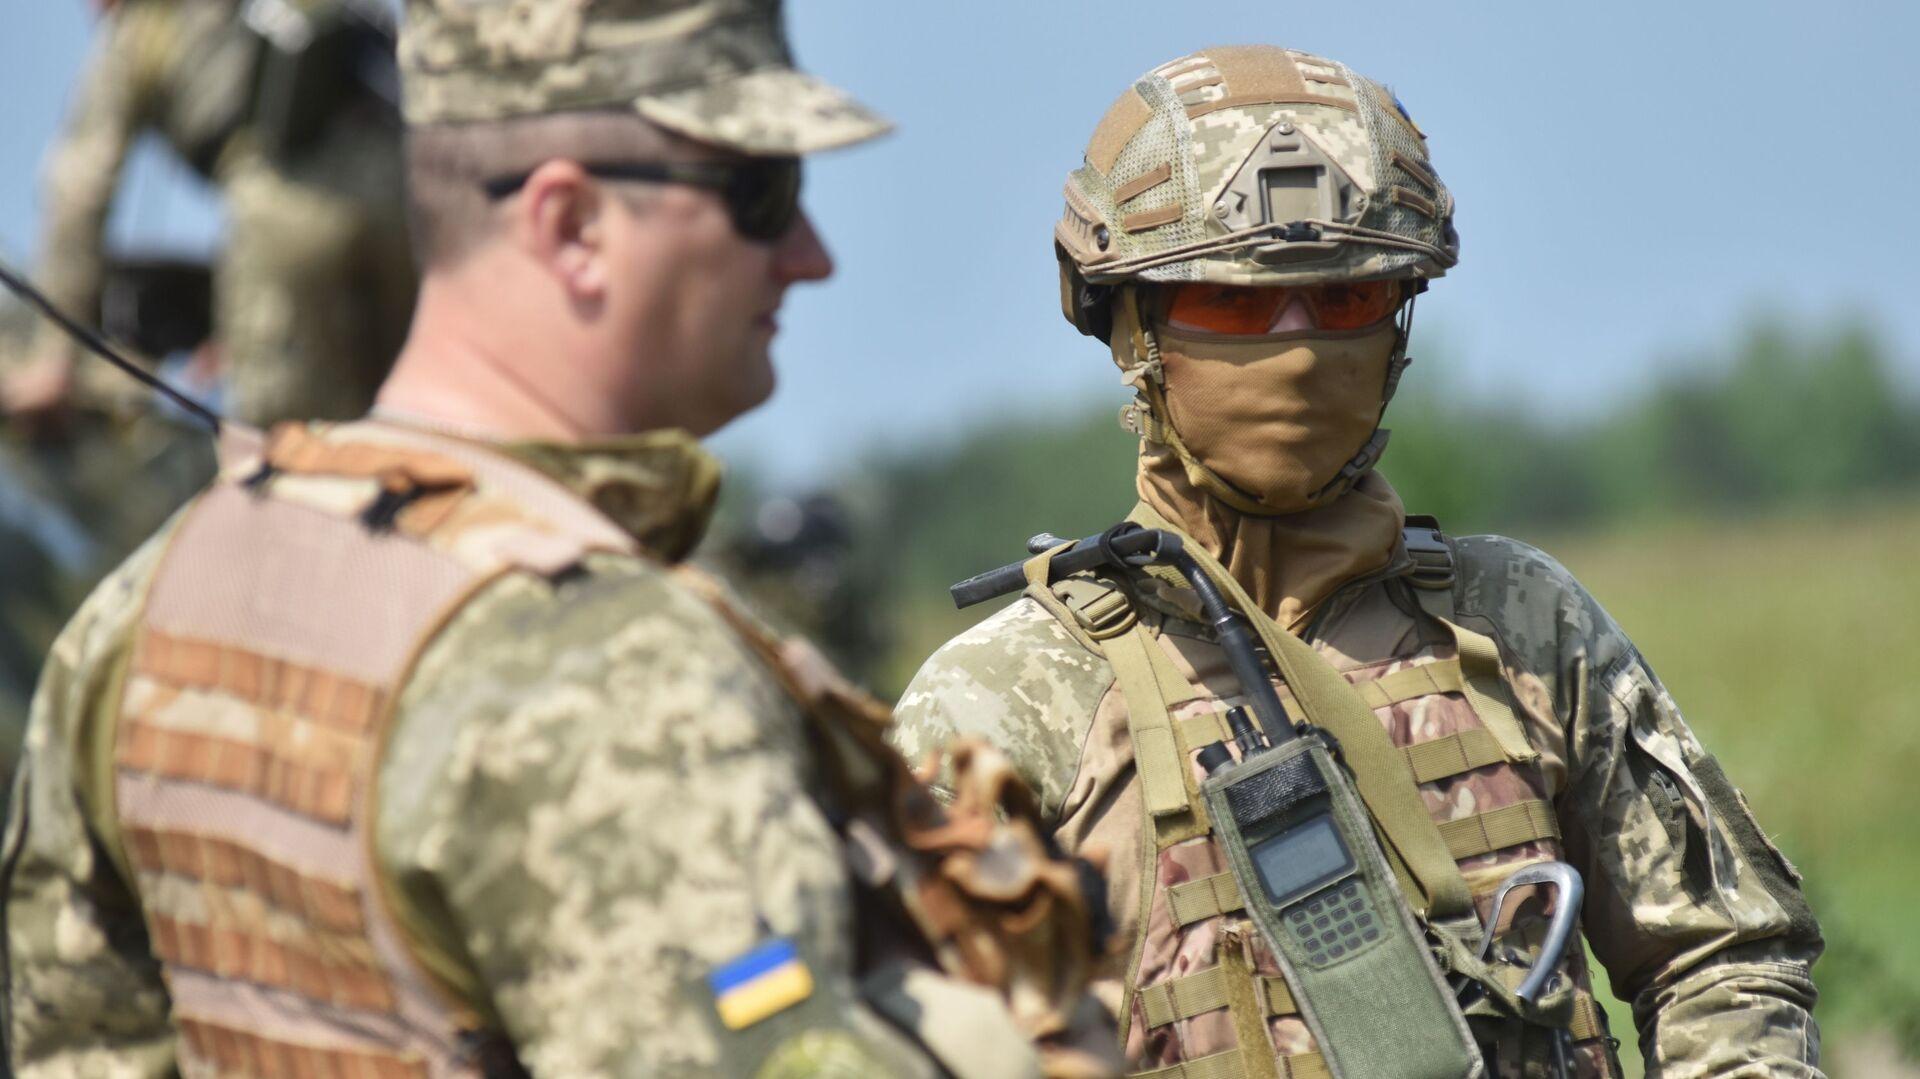 Припадници украјинске војске на војним вежбама у Лавовској области - Sputnik Србија, 1920, 09.06.2021